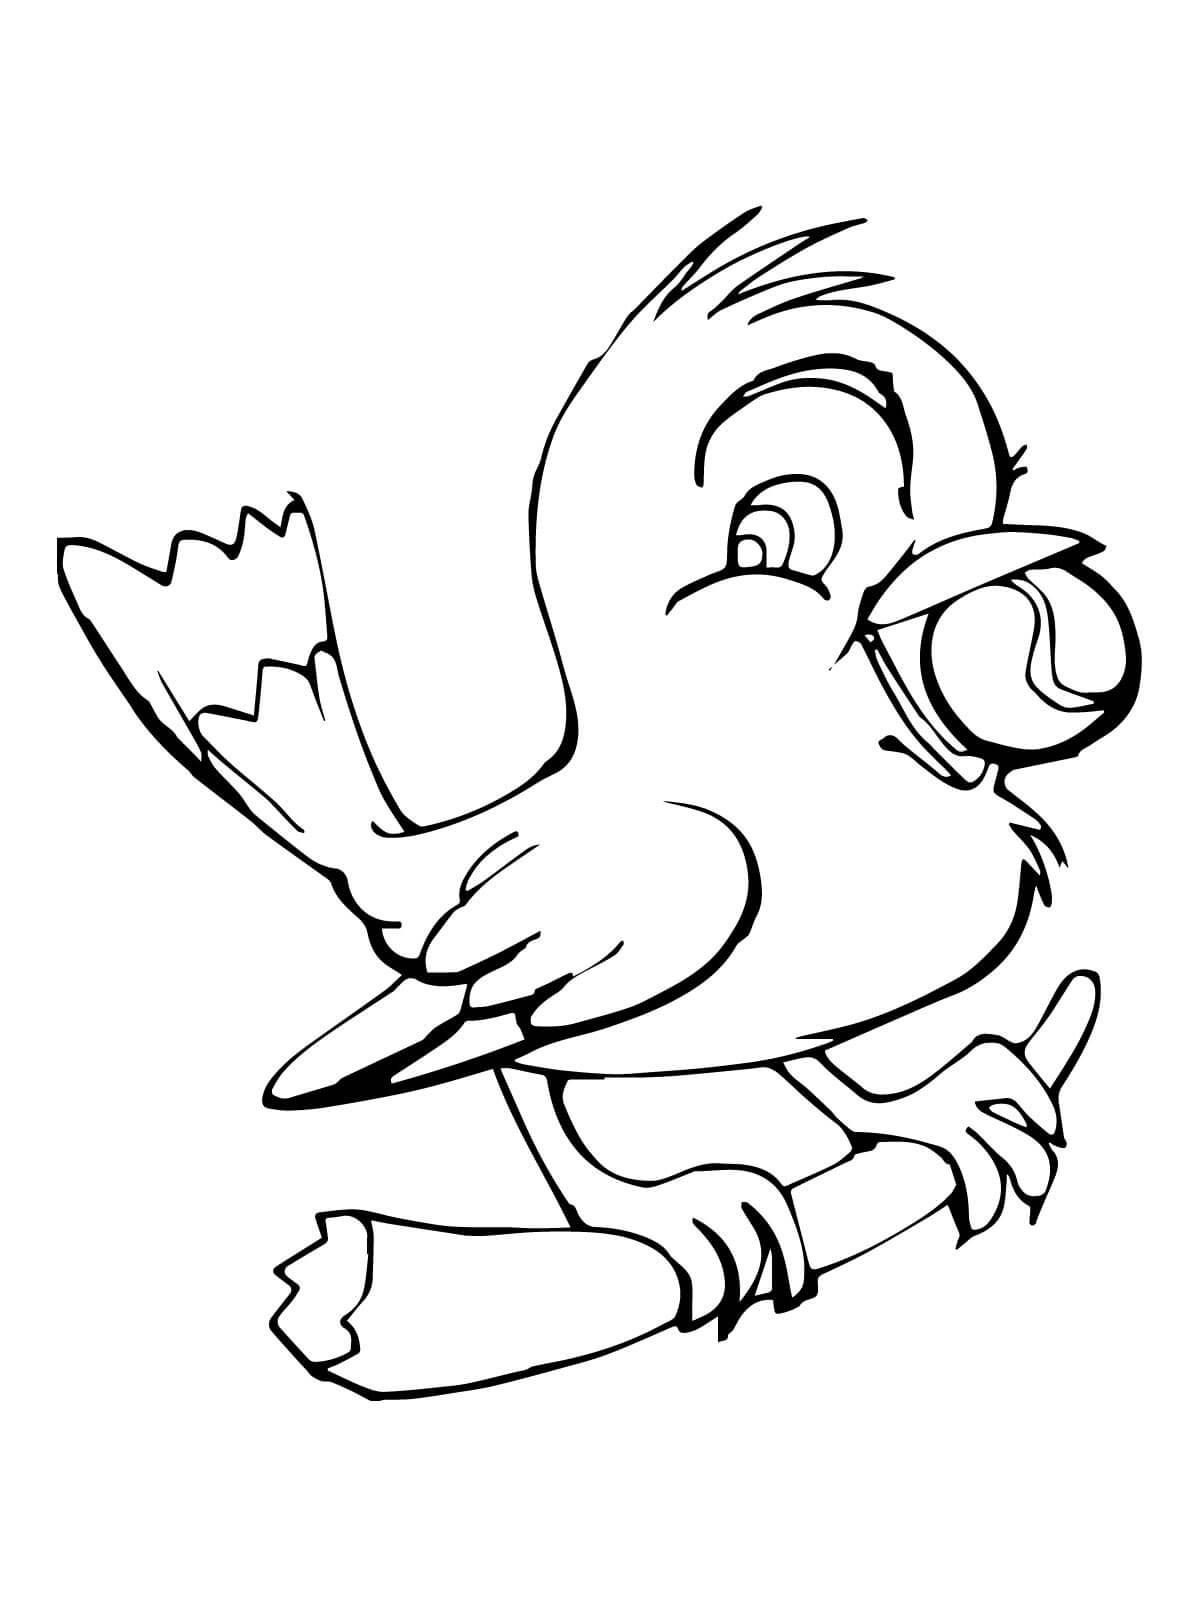 Tổng hợp các bức tranh tô màu con chim cho bé